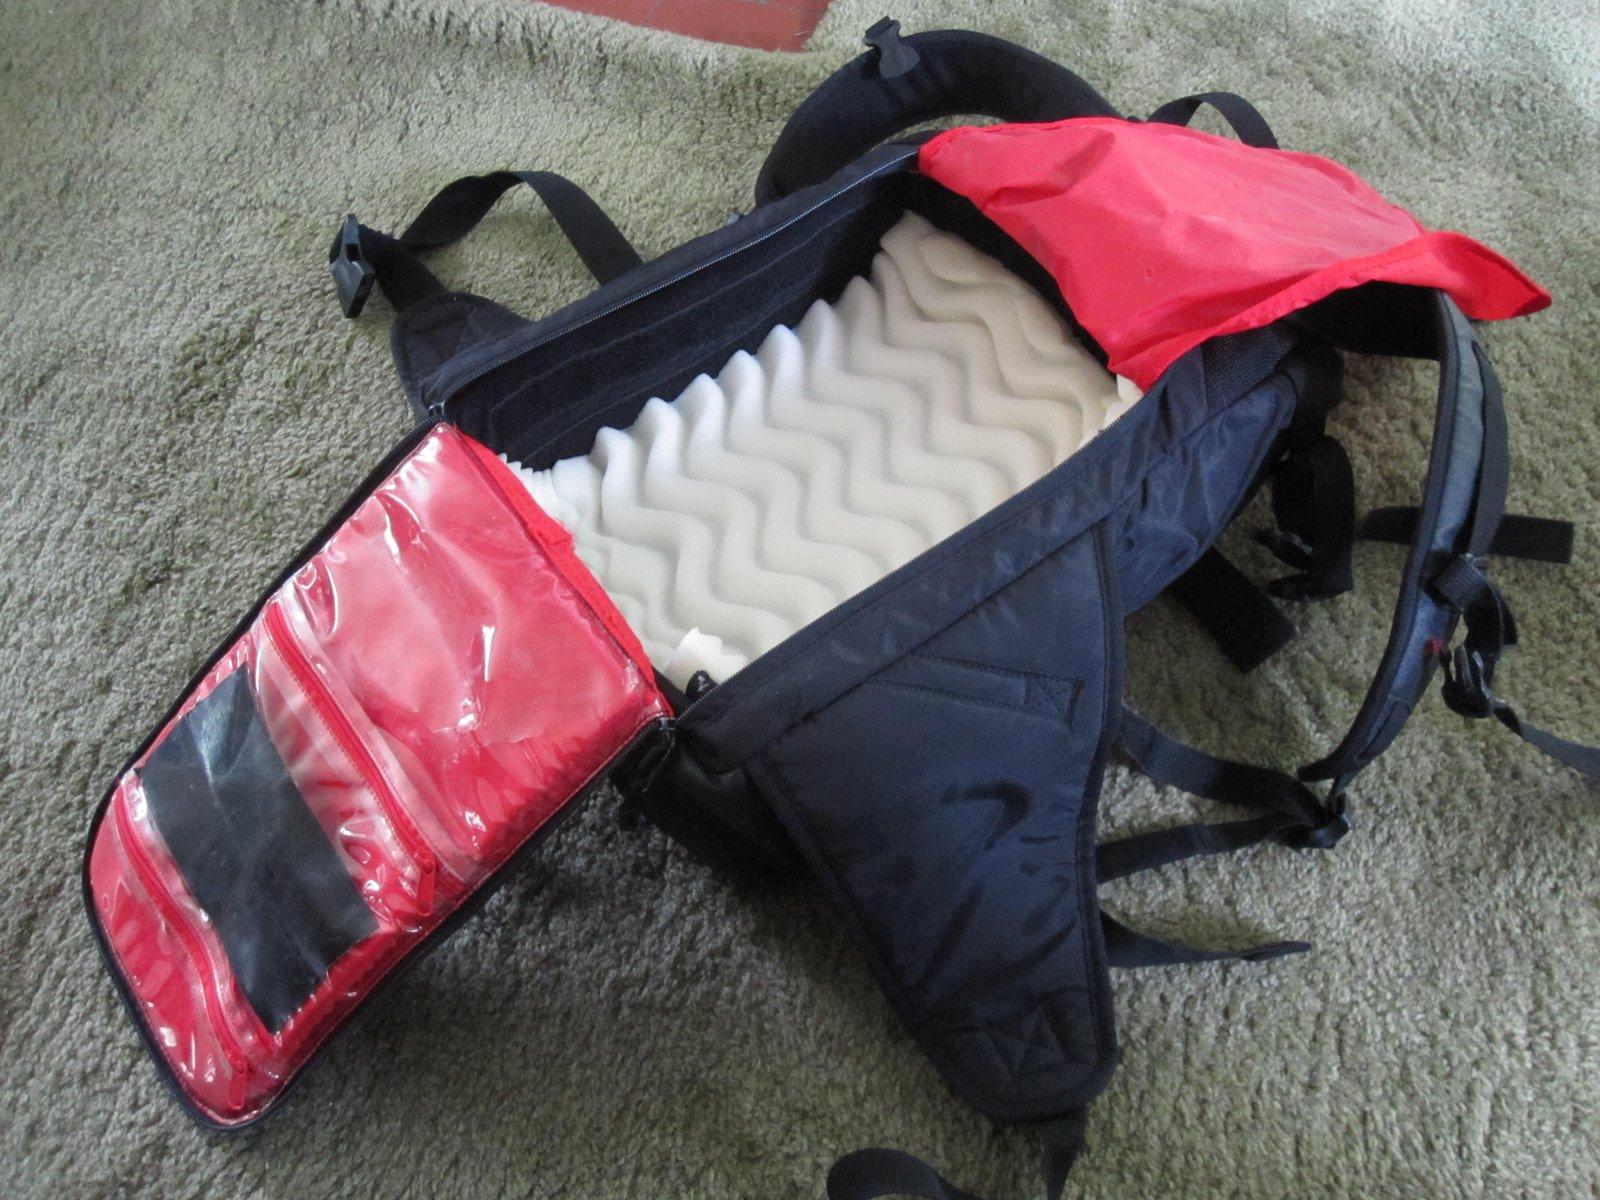 #13 camera backpack inside